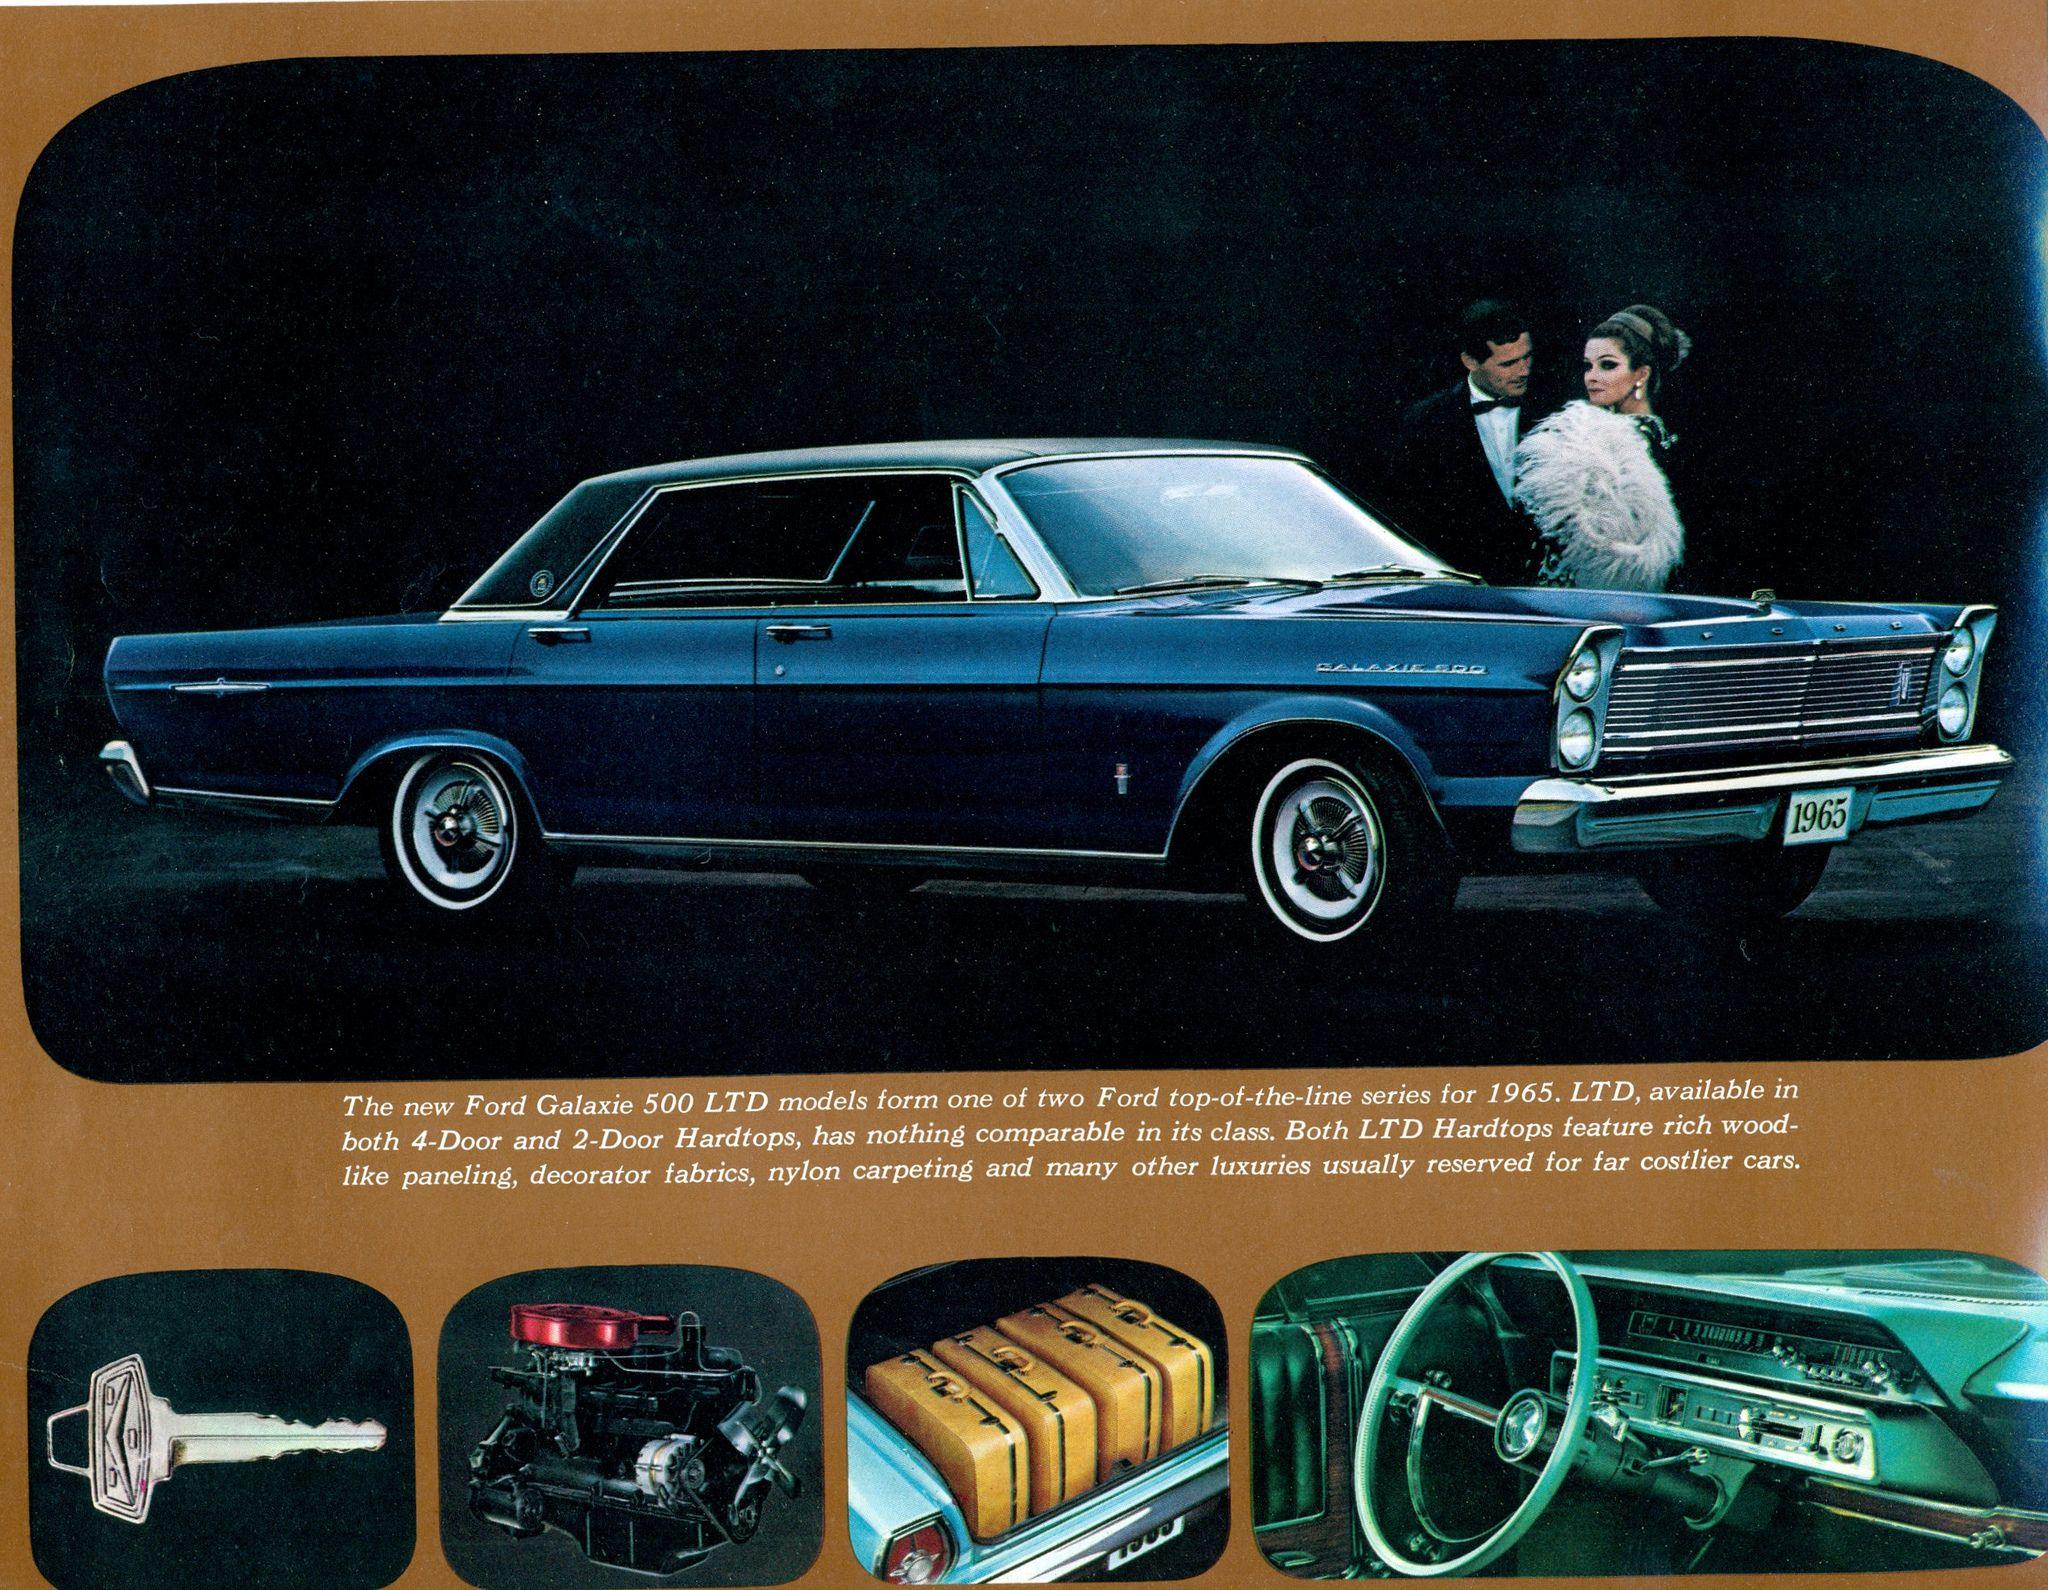 22 1965 Ford Galaxie 500 Ideas In 2021 Ford Galaxie 500 Ford Galaxie Galaxie 500